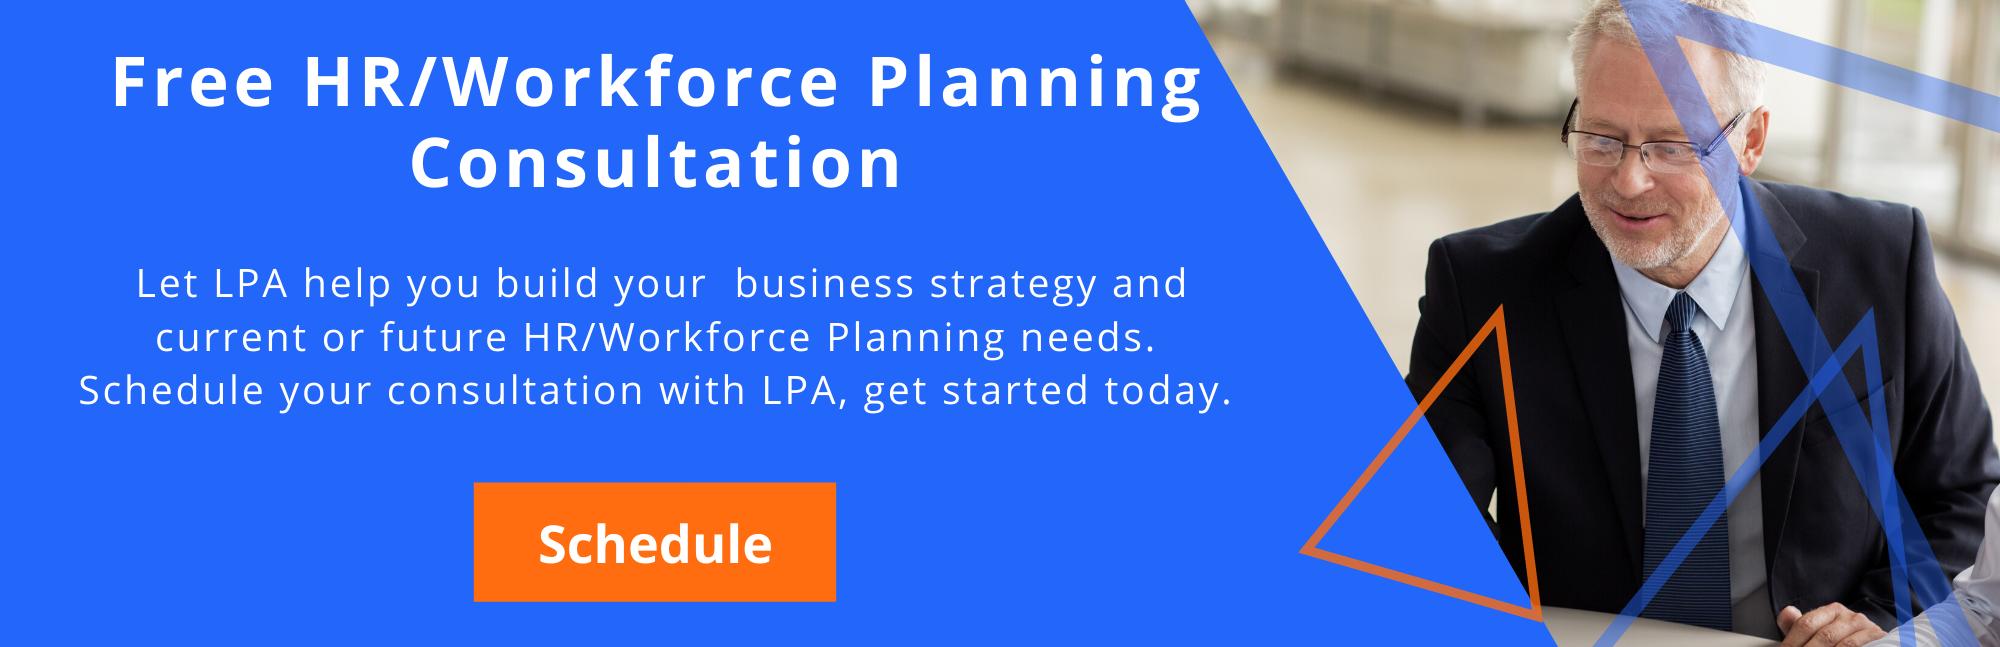 HR/Workforce Planning Consultation